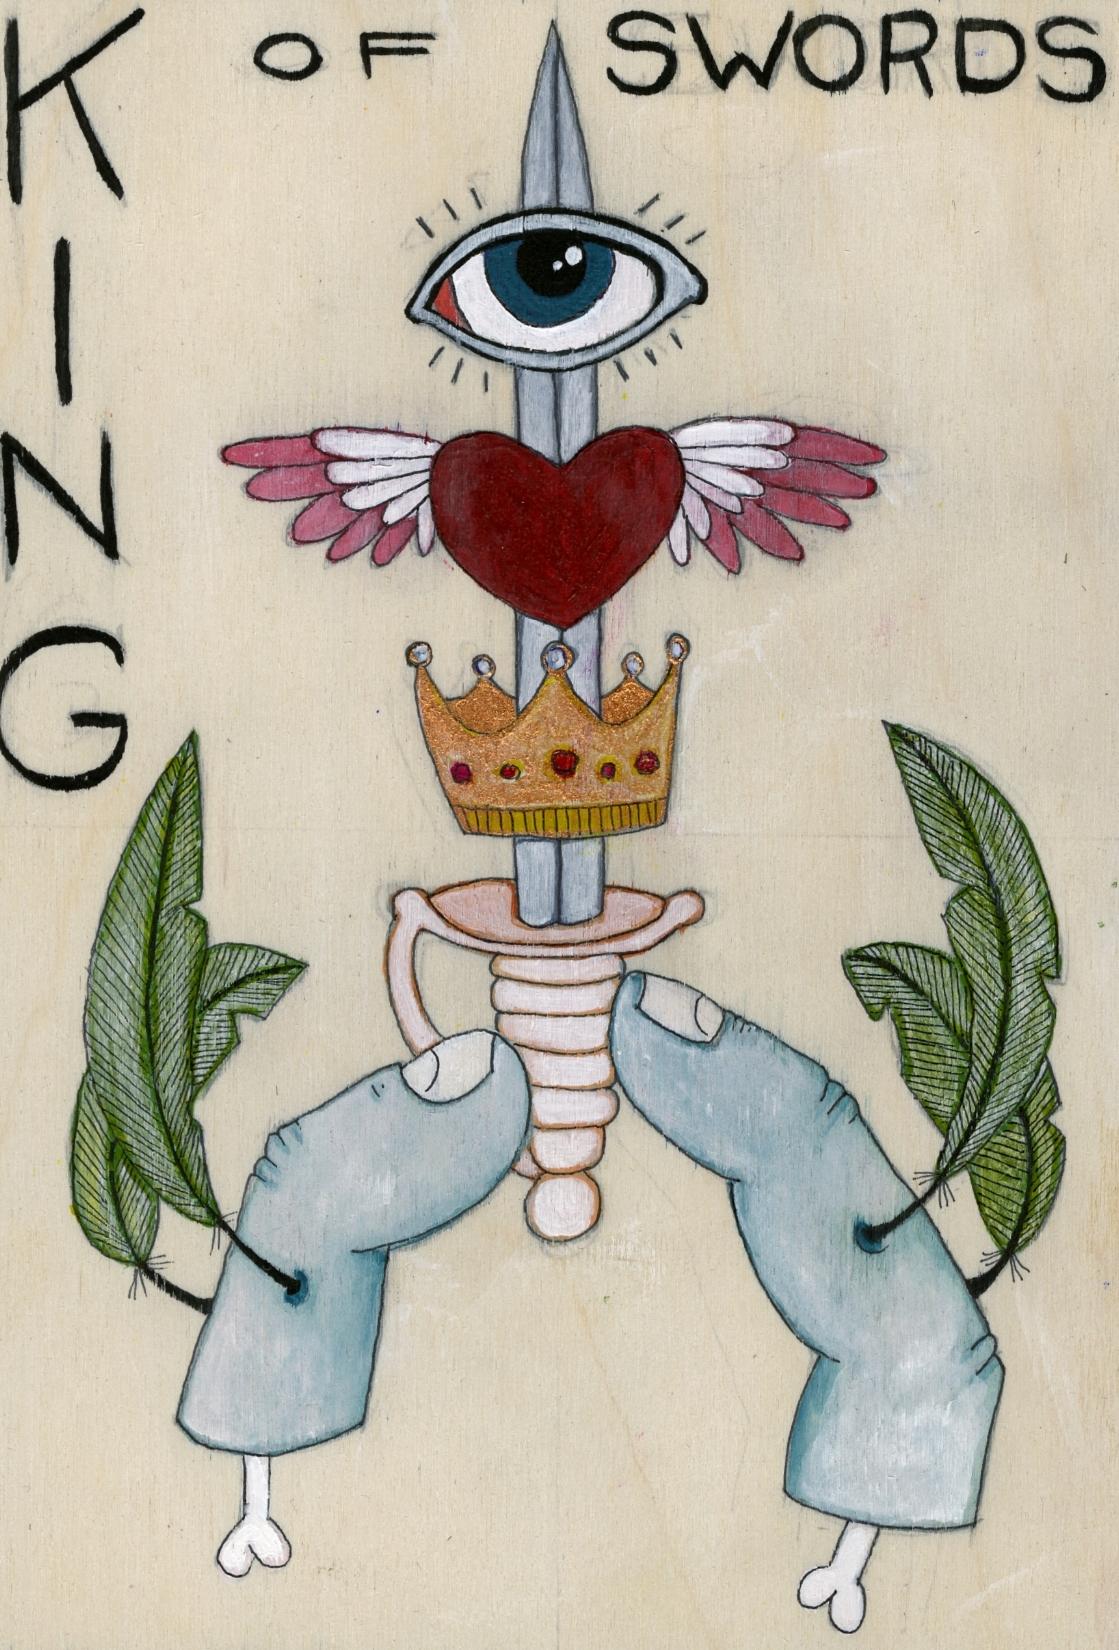 Tashana Kjelland - King of Swords